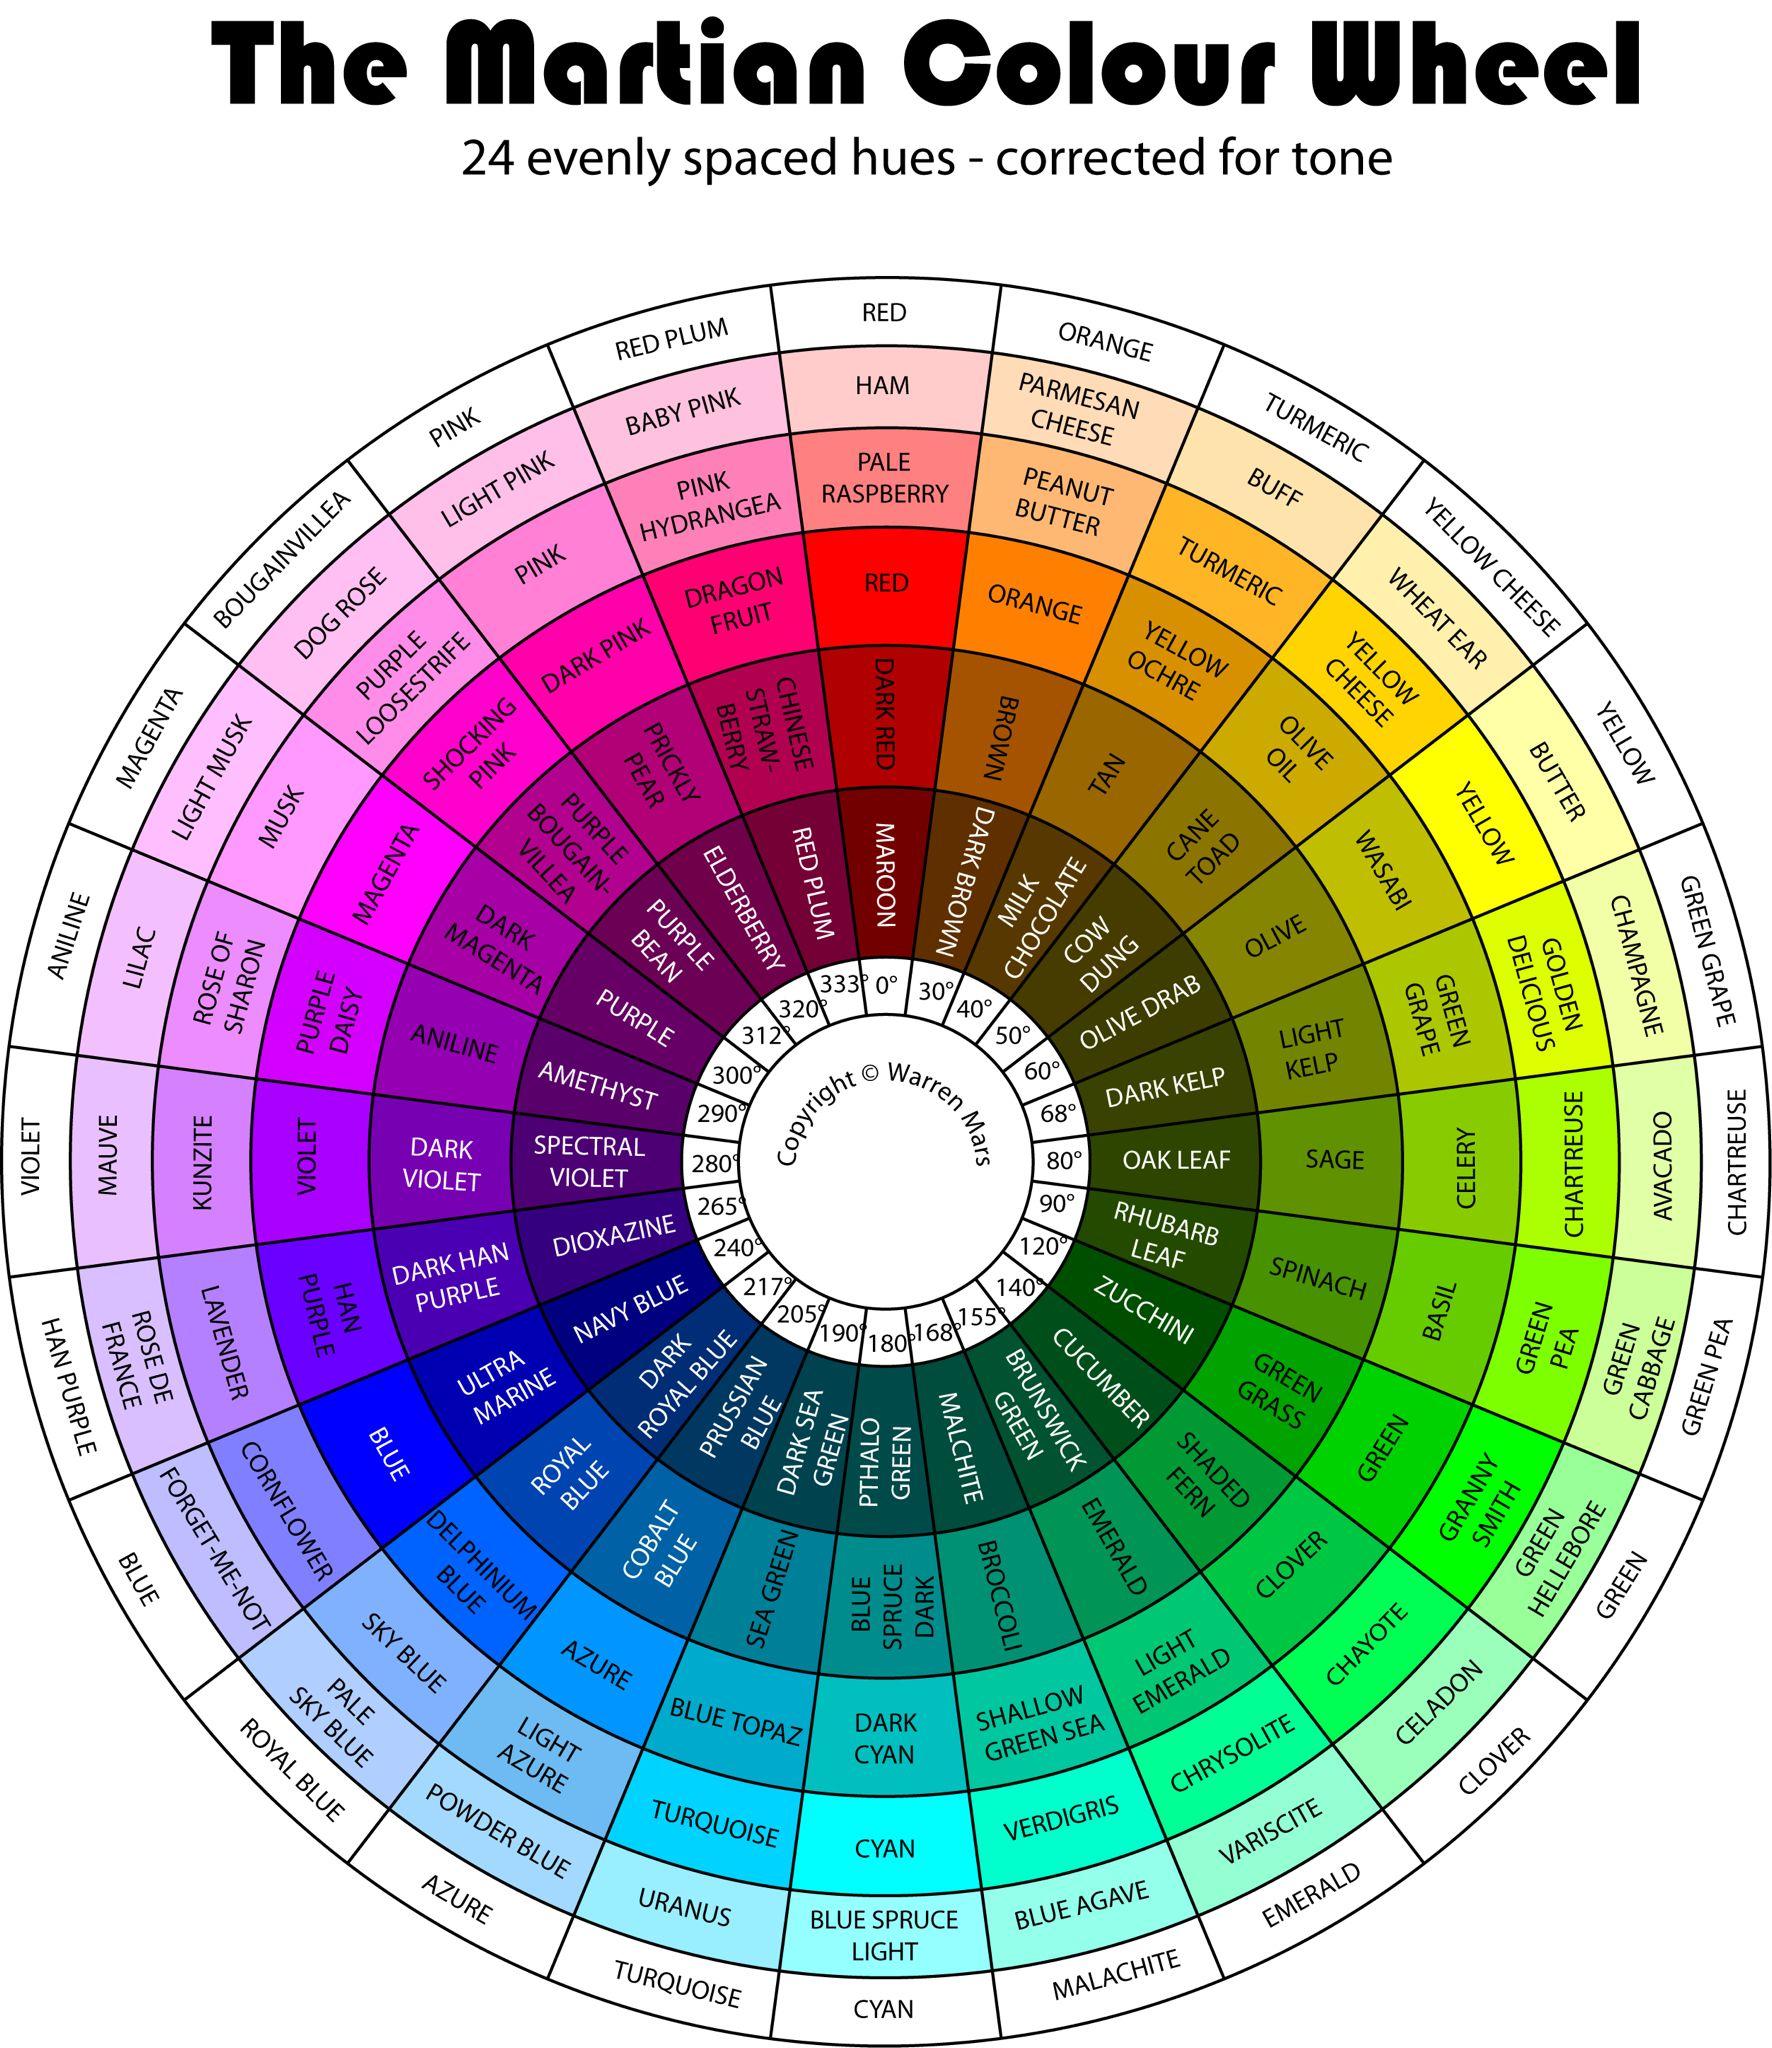 chọn màu quần áo theo bánh xe màu sắc